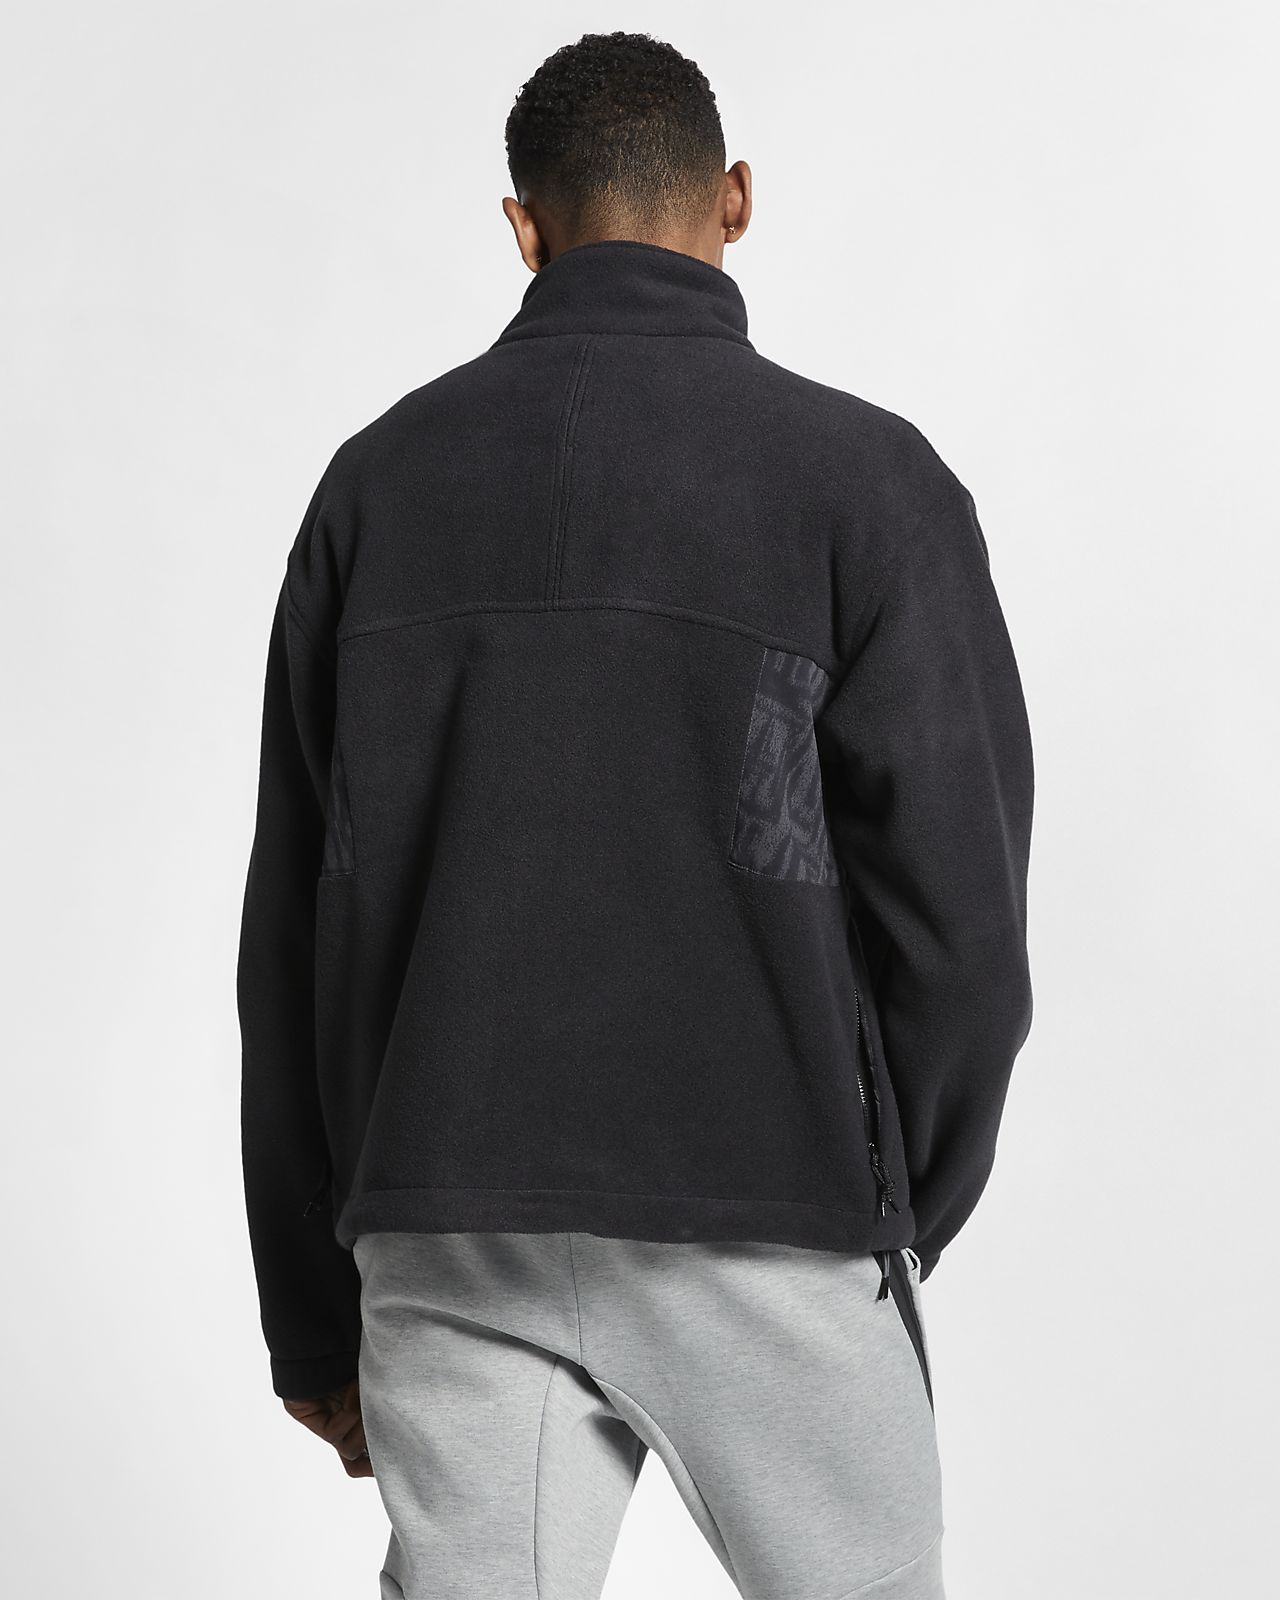 f0a22034089b Low Resolution Nike ACG Fleece Jacket Nike ACG Fleece Jacket